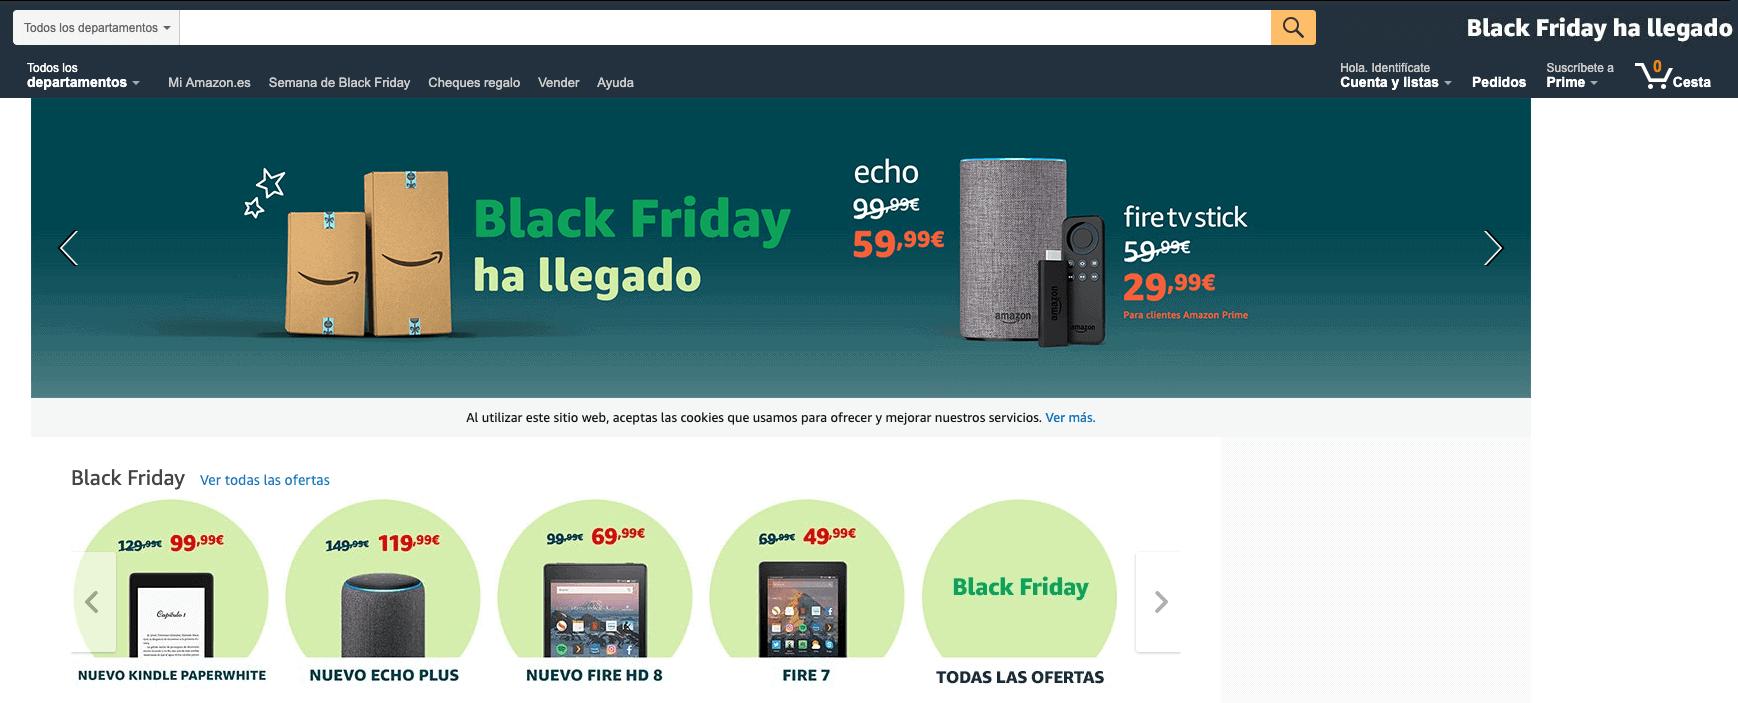 Ofertas Black Friday Amazon